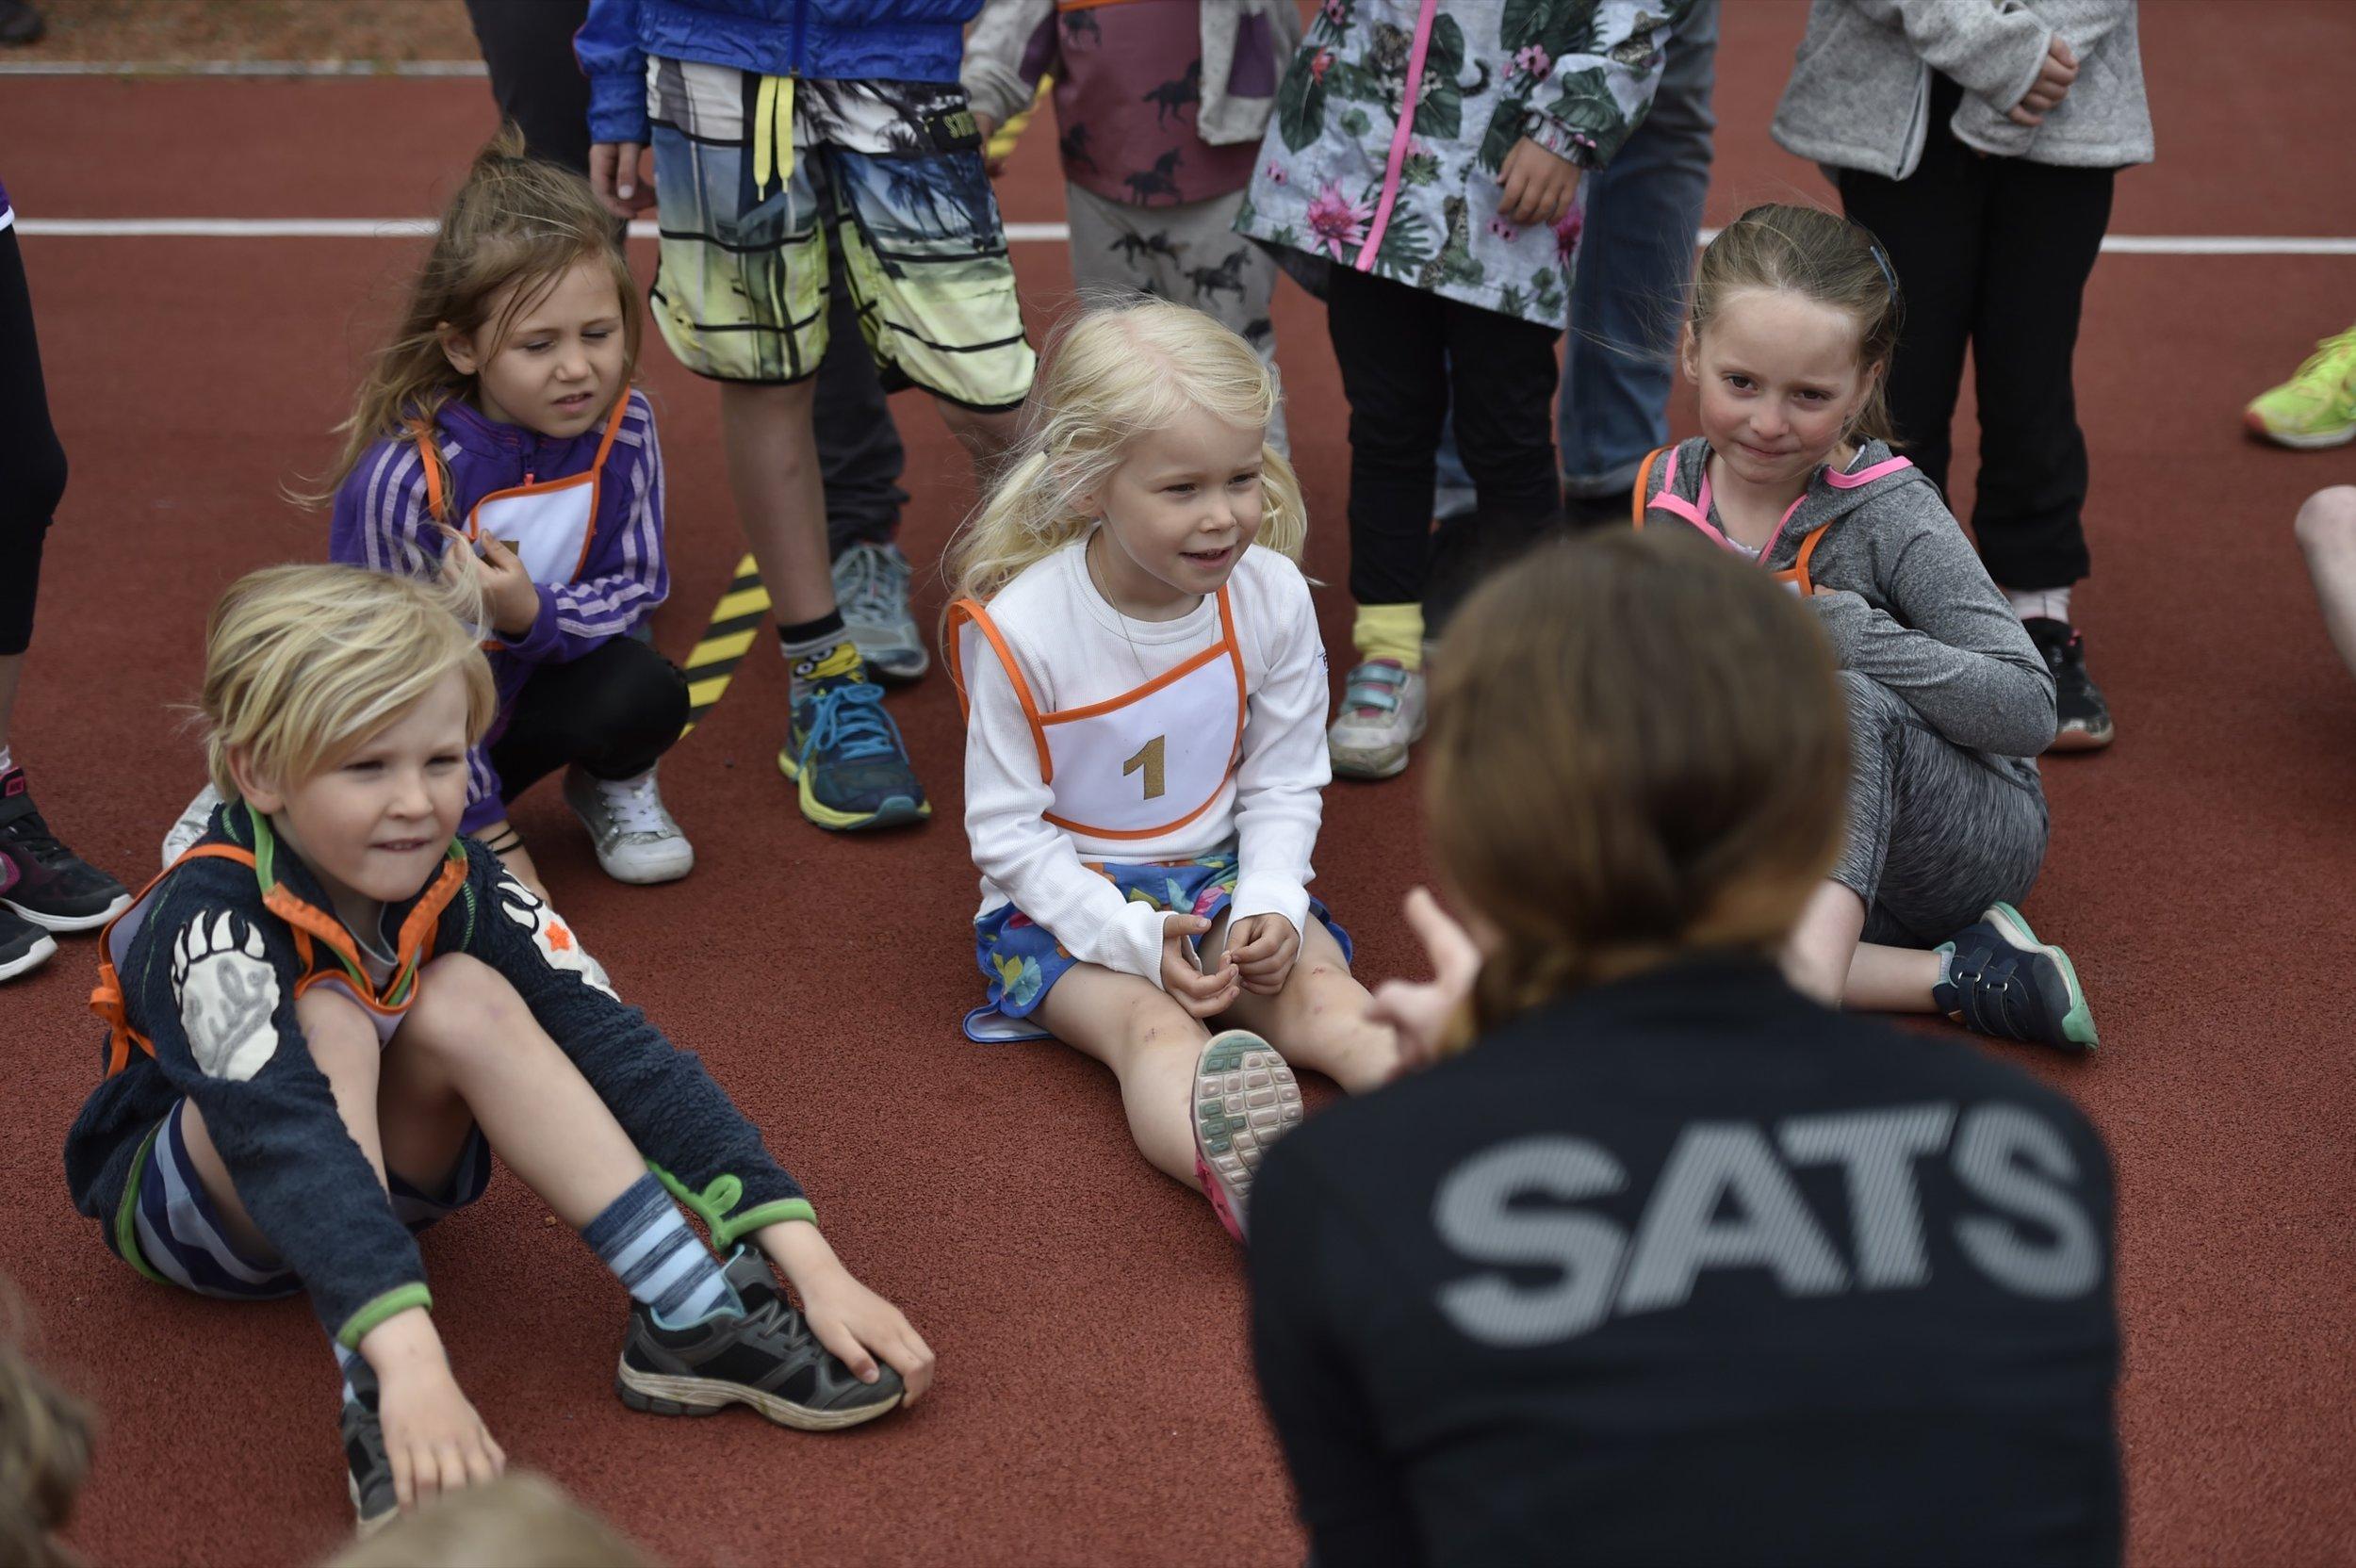 Barnen får genomgång med Marie från SATS Torsplan. Foto: Mikael Sjöberg